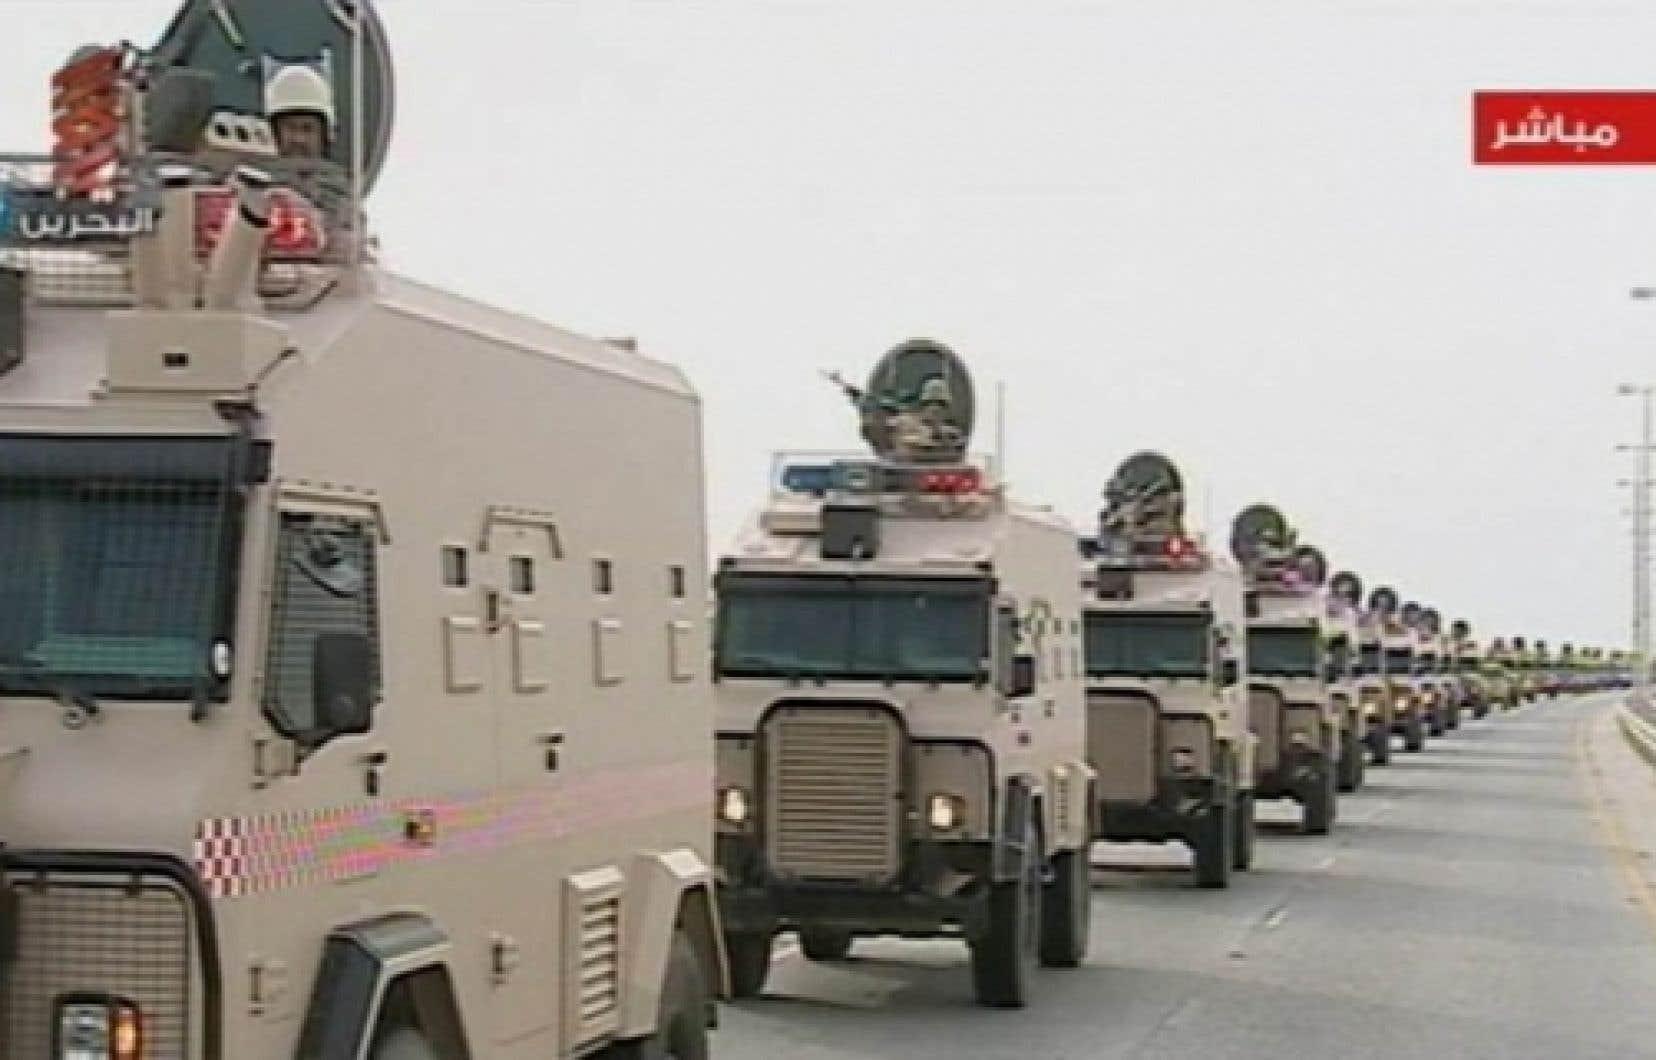 La télévision d'État a montré des images des soldats saoudiens entrant à Bahreïn.<br />